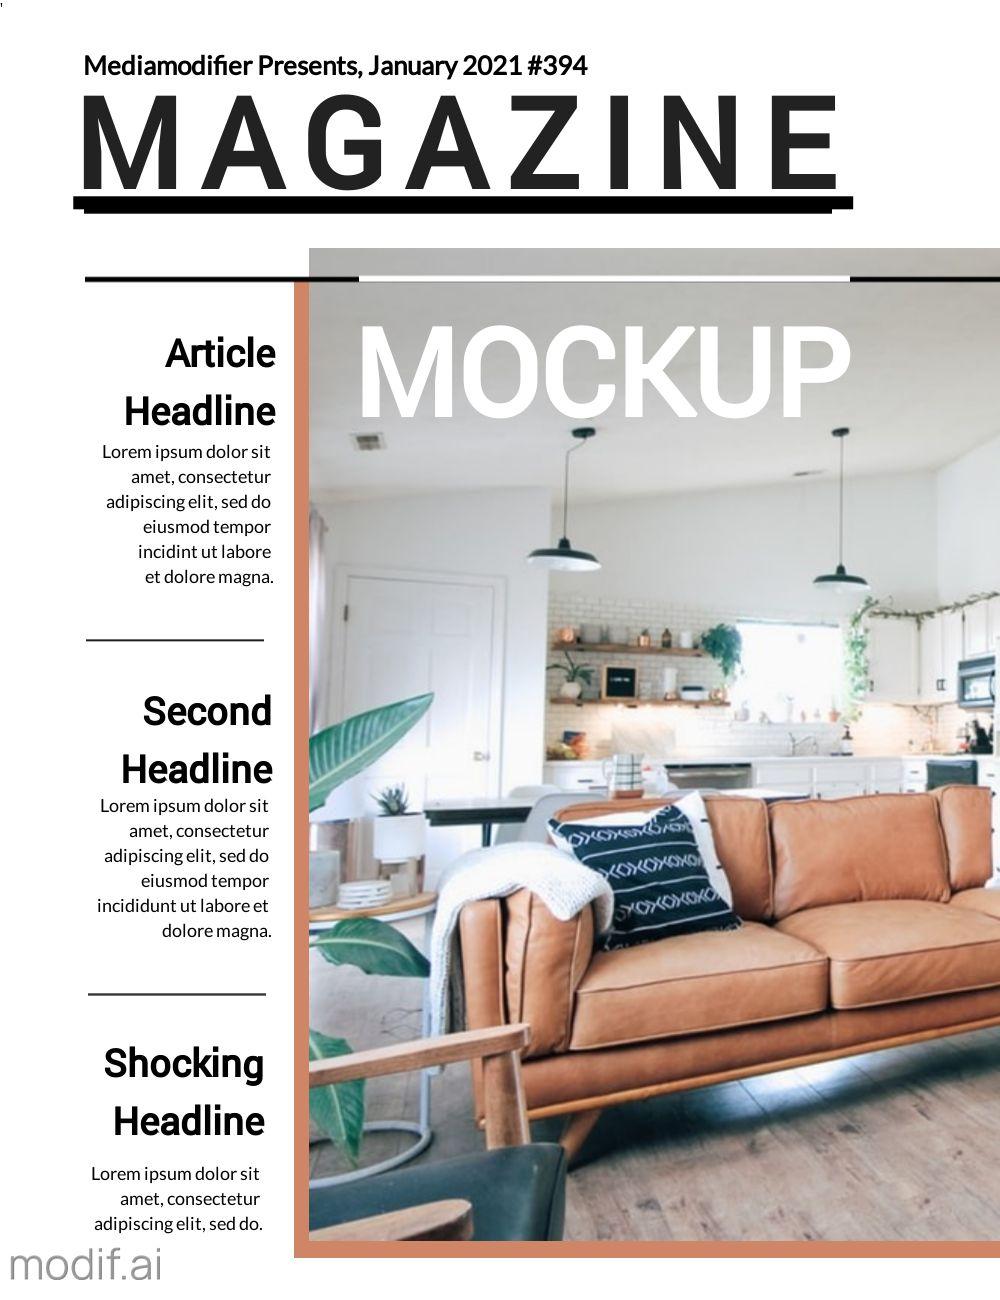 Free Magazine Cover Design Template